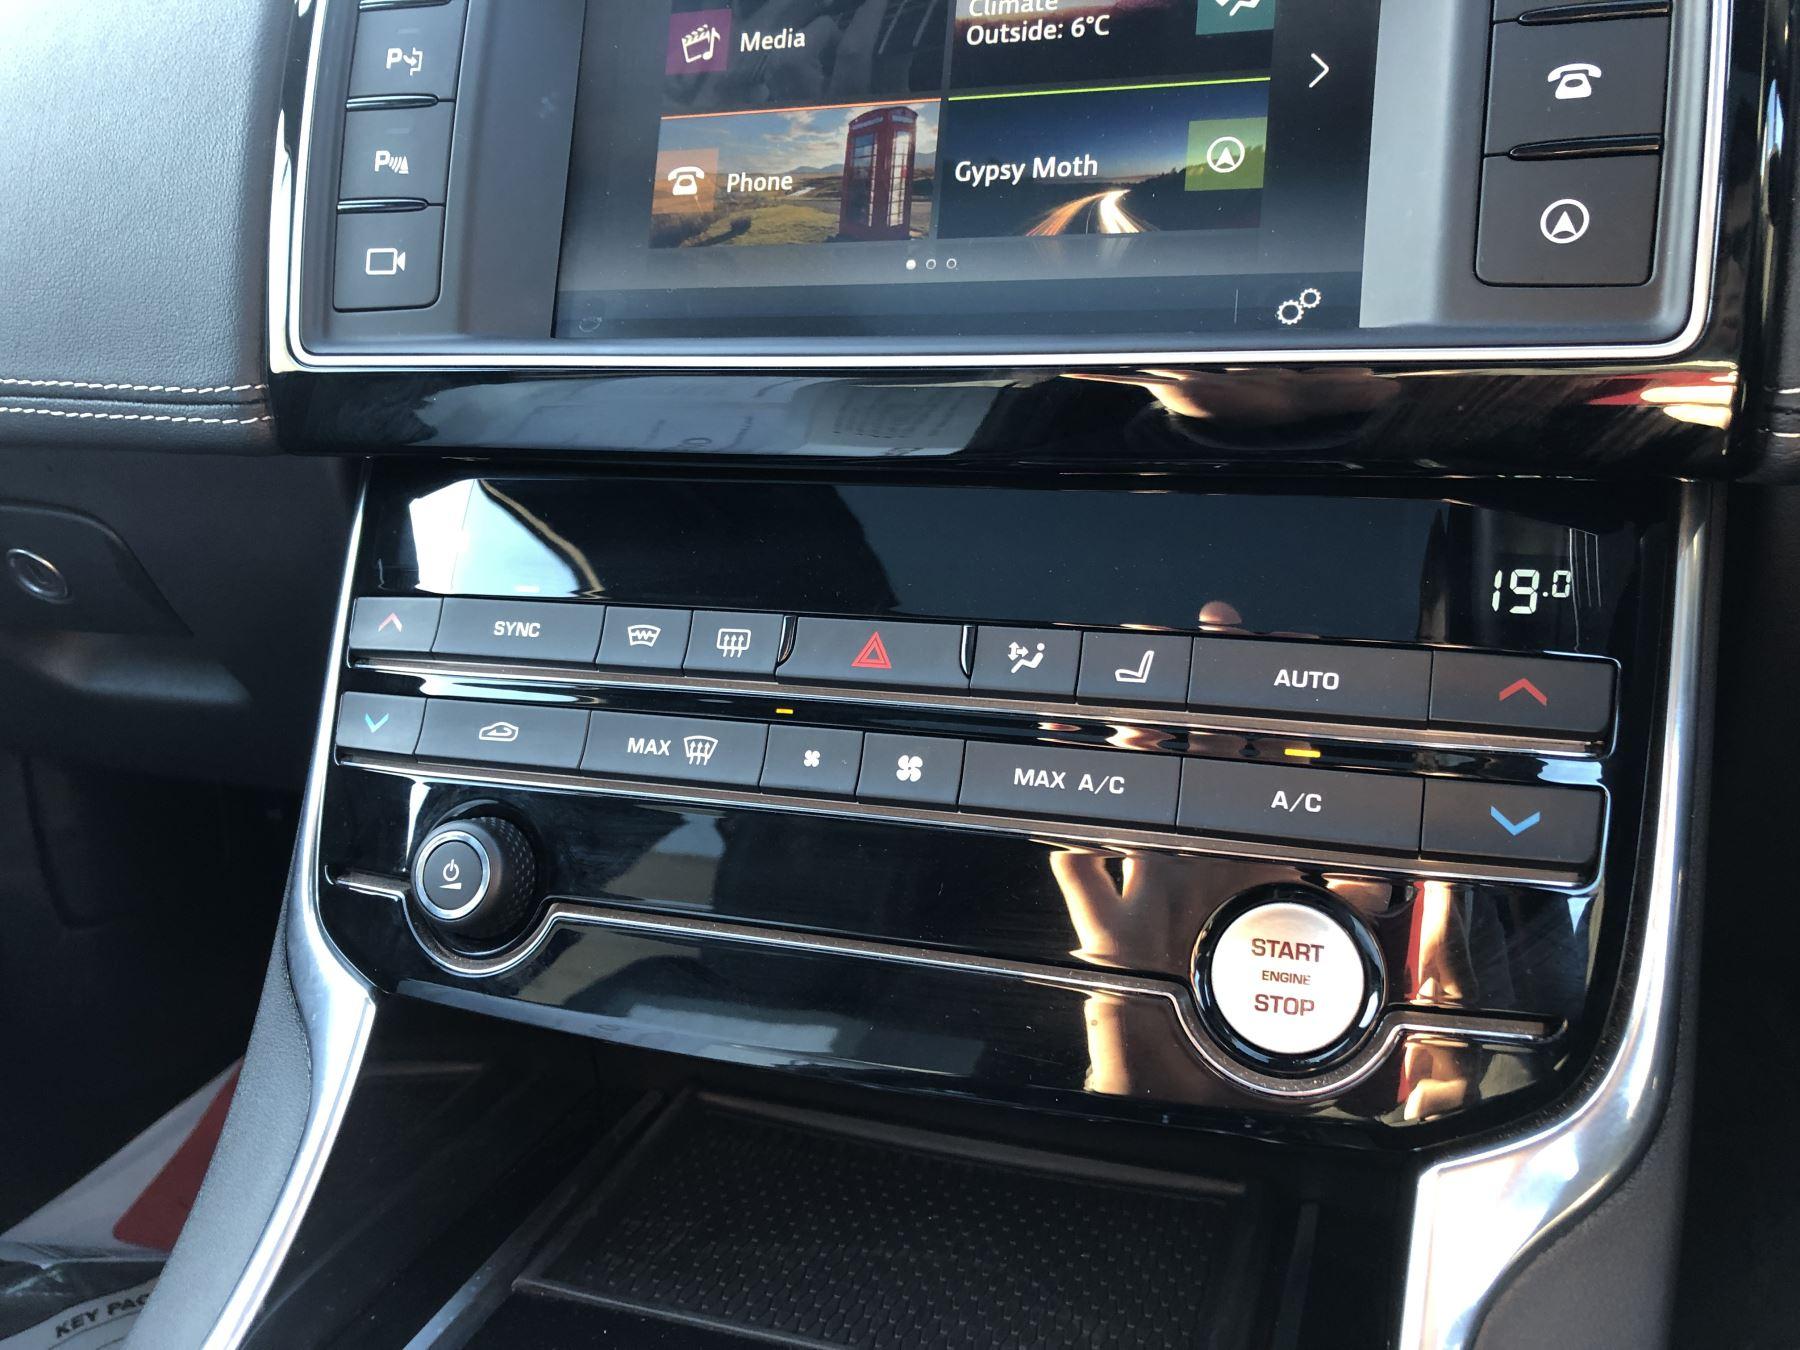 Jaguar XE 3.0 [380] V6 Supercharged S image 13